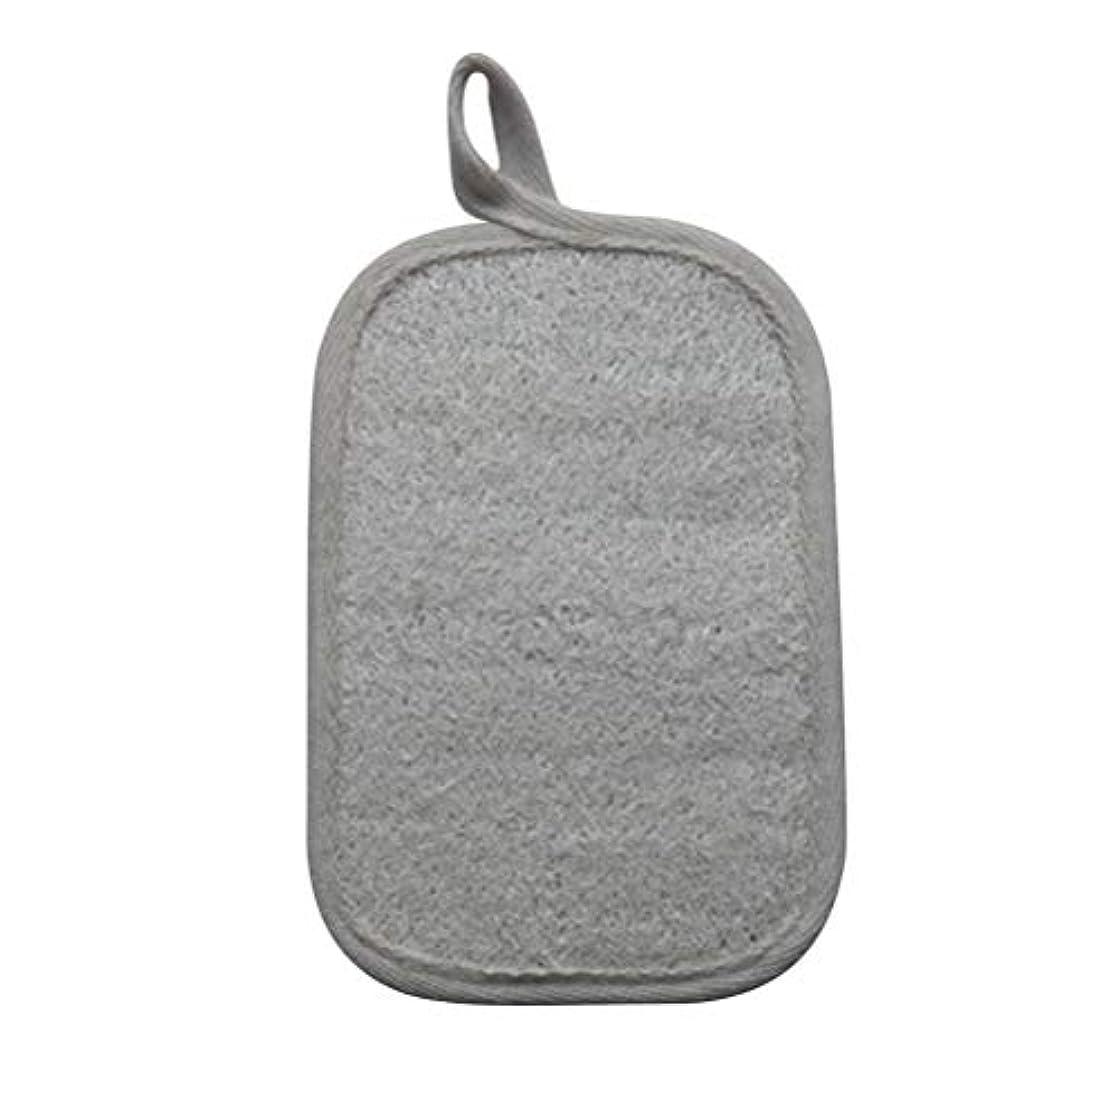 め言葉に変わる染色Healifty シャワーのための自然なLoofahのスポンジパッドの風呂の剥離のスポンジのスクラバーのブラシ